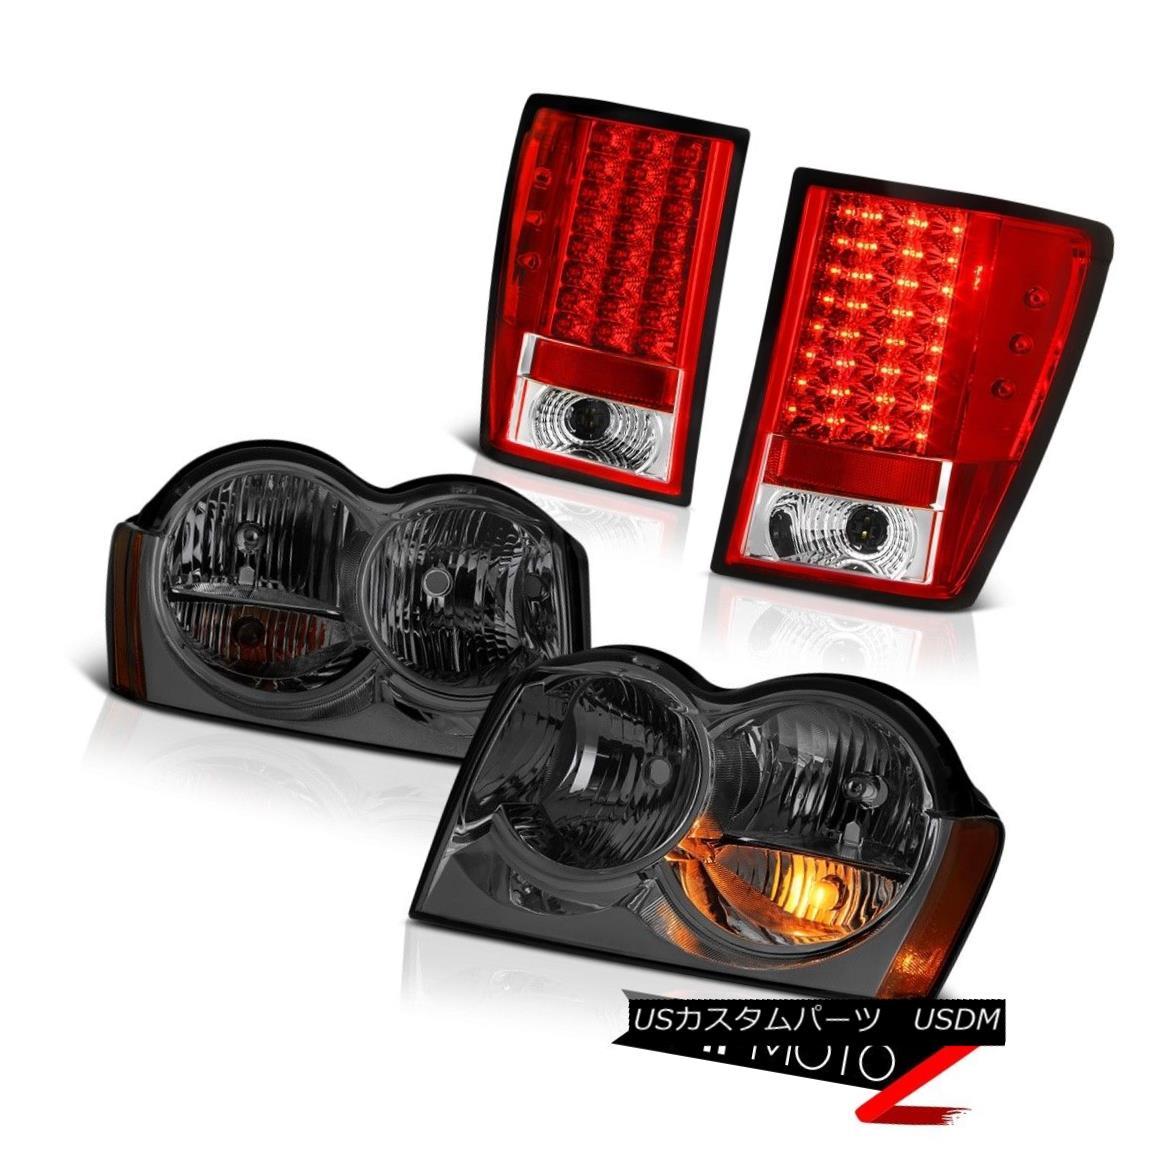 テールライト 05-06 Jeep Grand Cherokee Limited Headlights Tail Lamps LED SMD